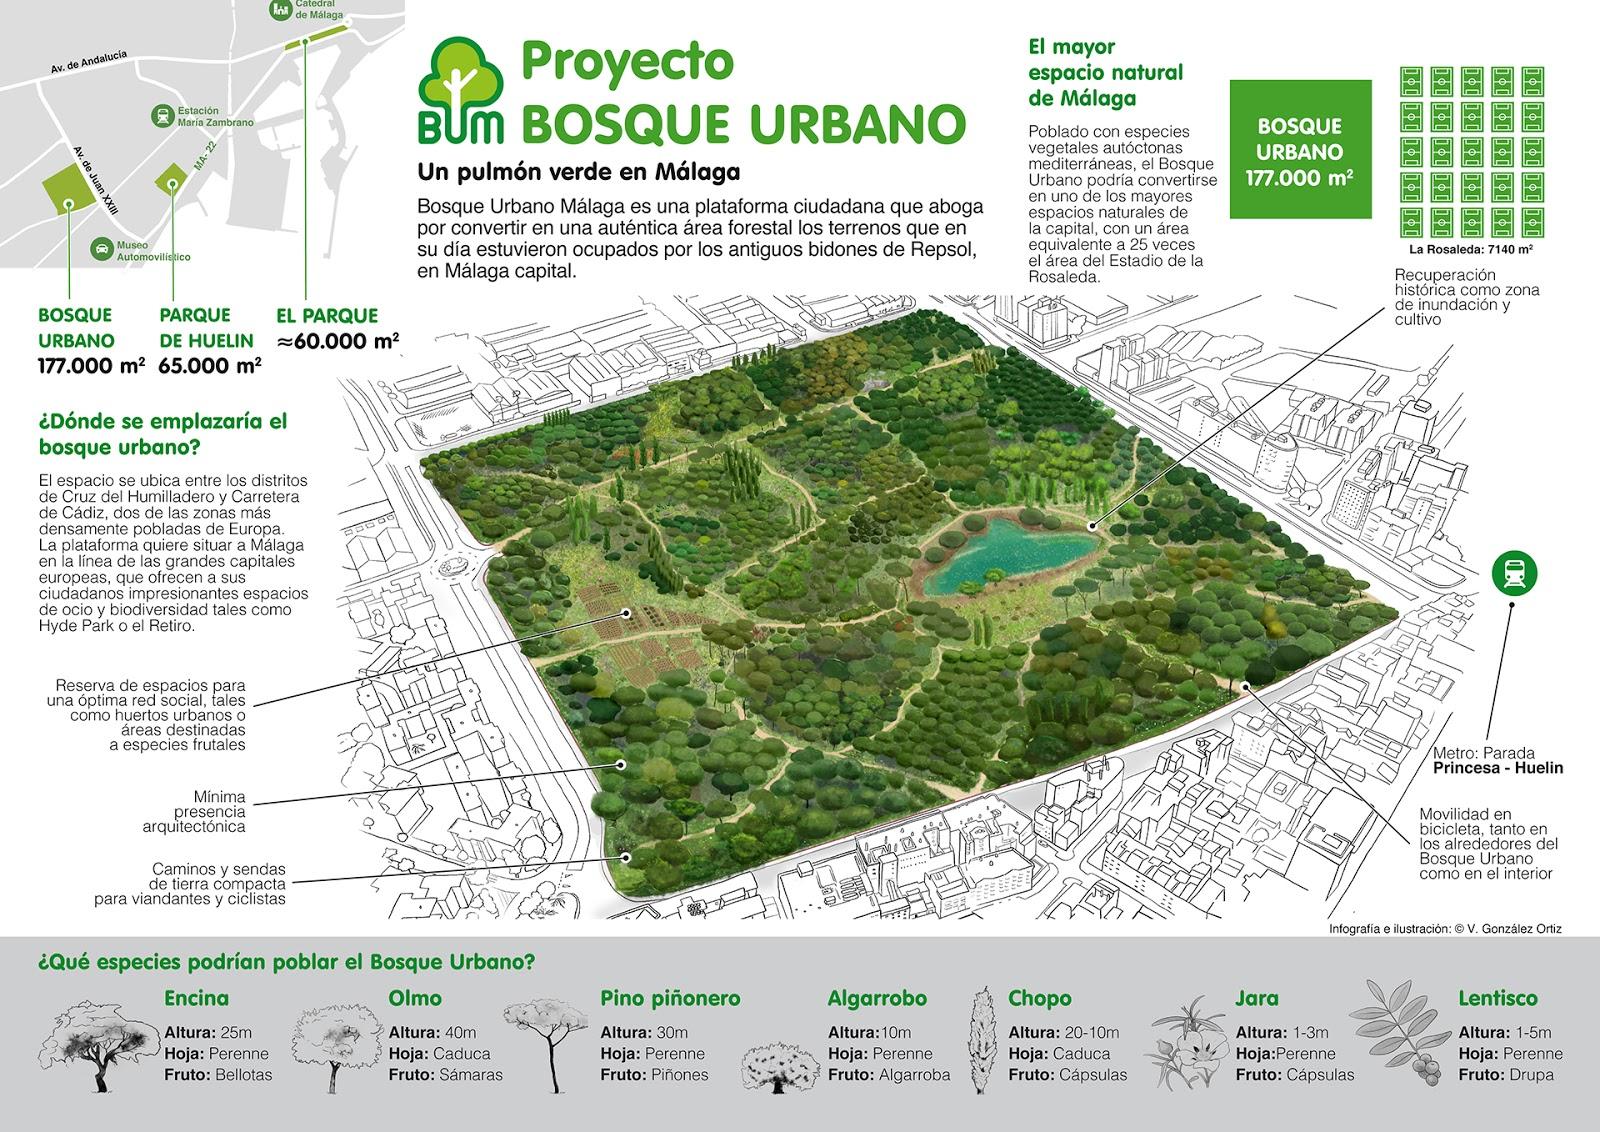 El bosque urbano de m laga un espacio verde de la - Espacios verdes malaga ...